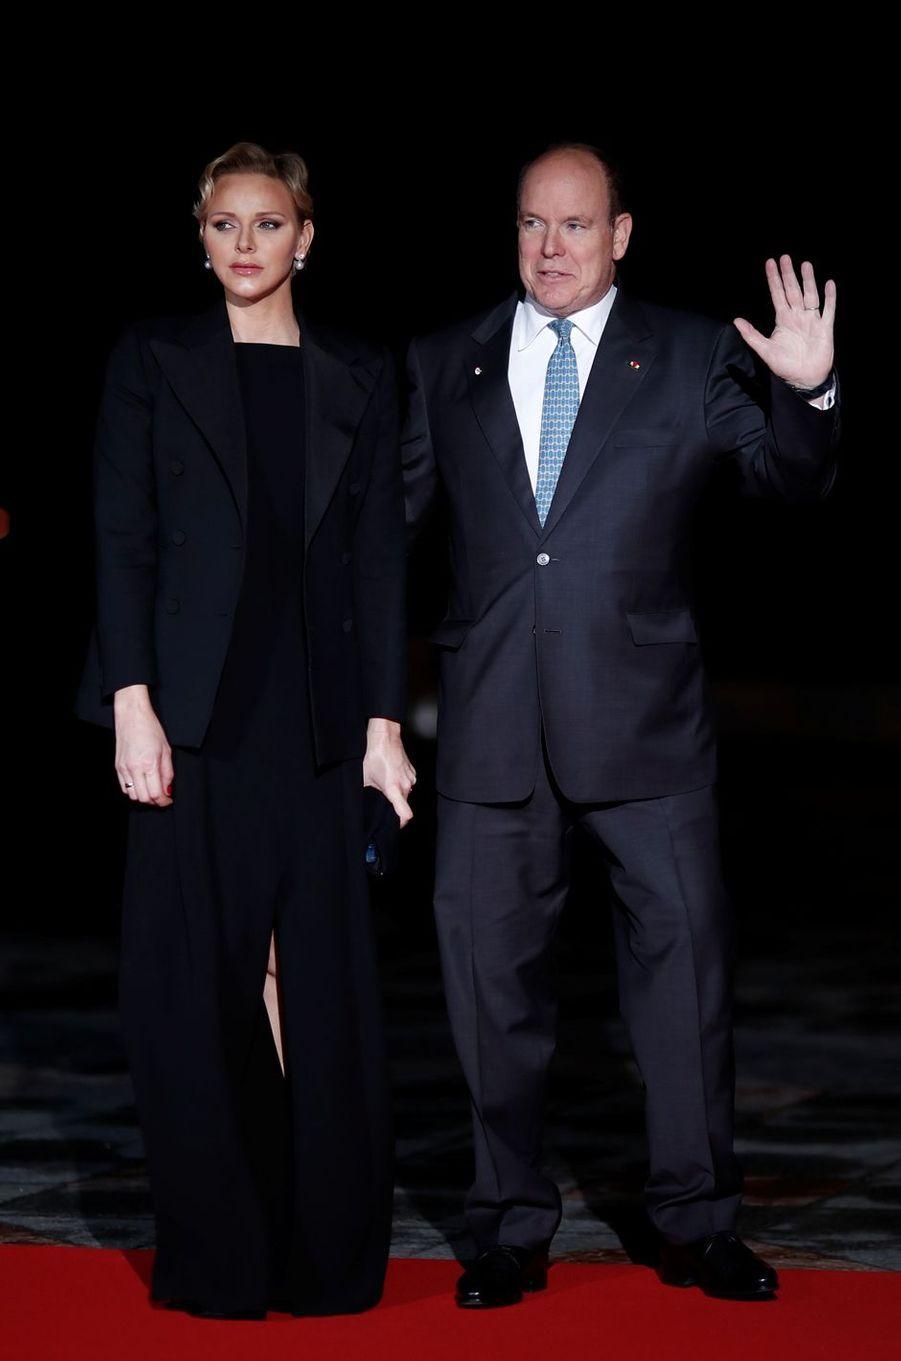 La princesse Charlène et le prince Albert II de Monaco, le 10 novembre 2018 à Paris